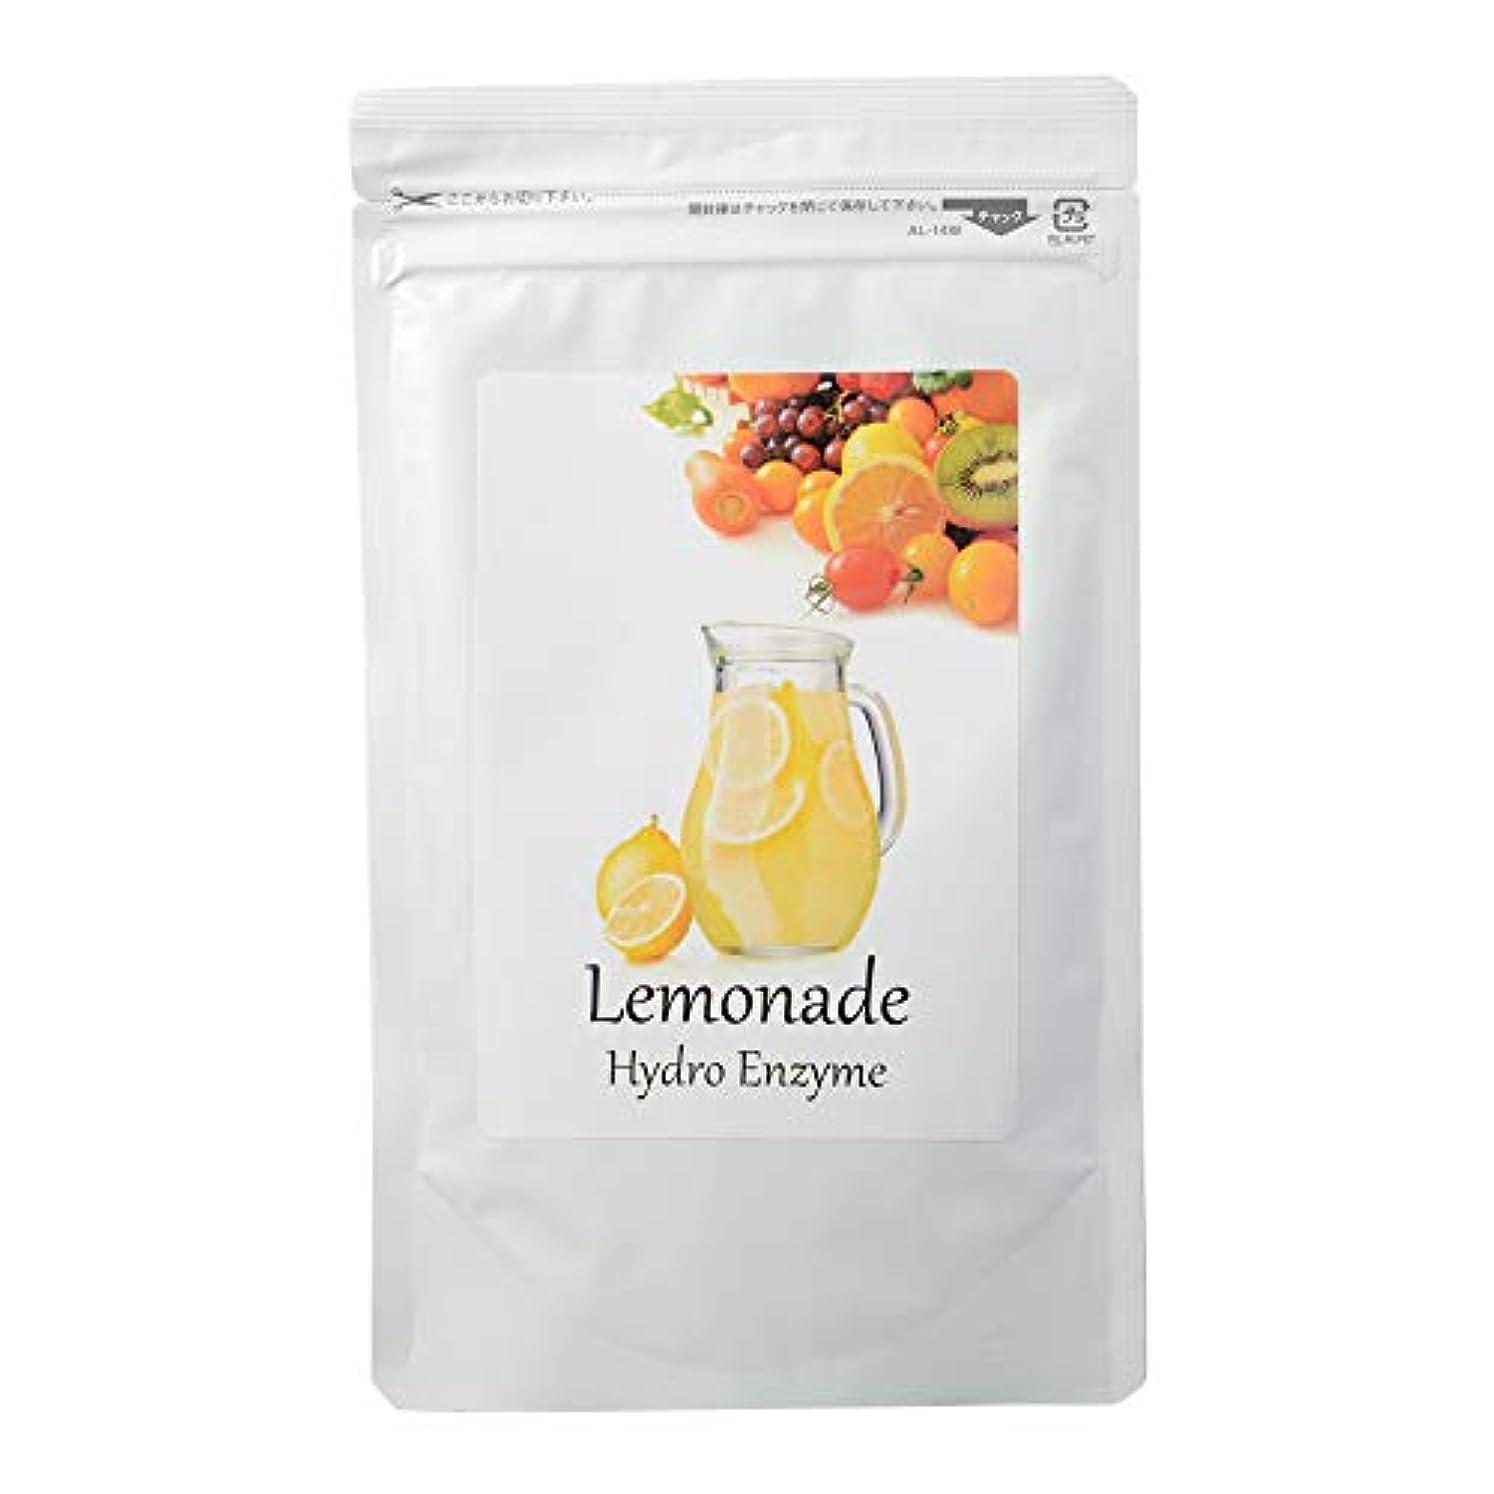 デクリメント幅池Lemonade Hydro Enzyme (ダイエット ドリンク) レモネード 水素エンザイムダイエット 健康飲料 専用スプーン付 [内容量150g /説明書付き]